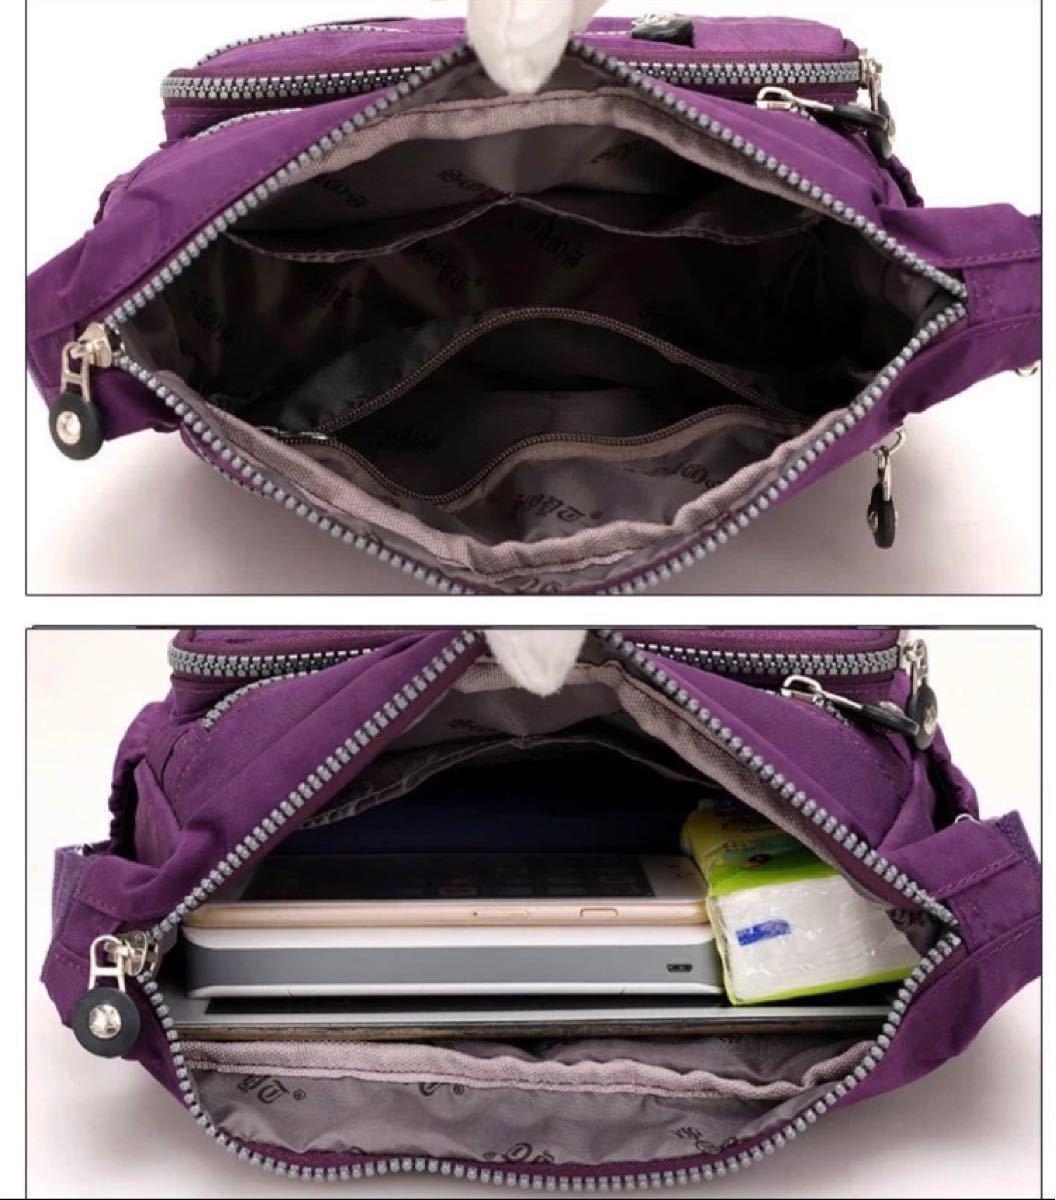 ショルダーバッグ 斜めがけバッグ  レディースバッグ マザーズバッグ  ボディーバッグ 紫 サブバッグ 旅行バッグ iPad